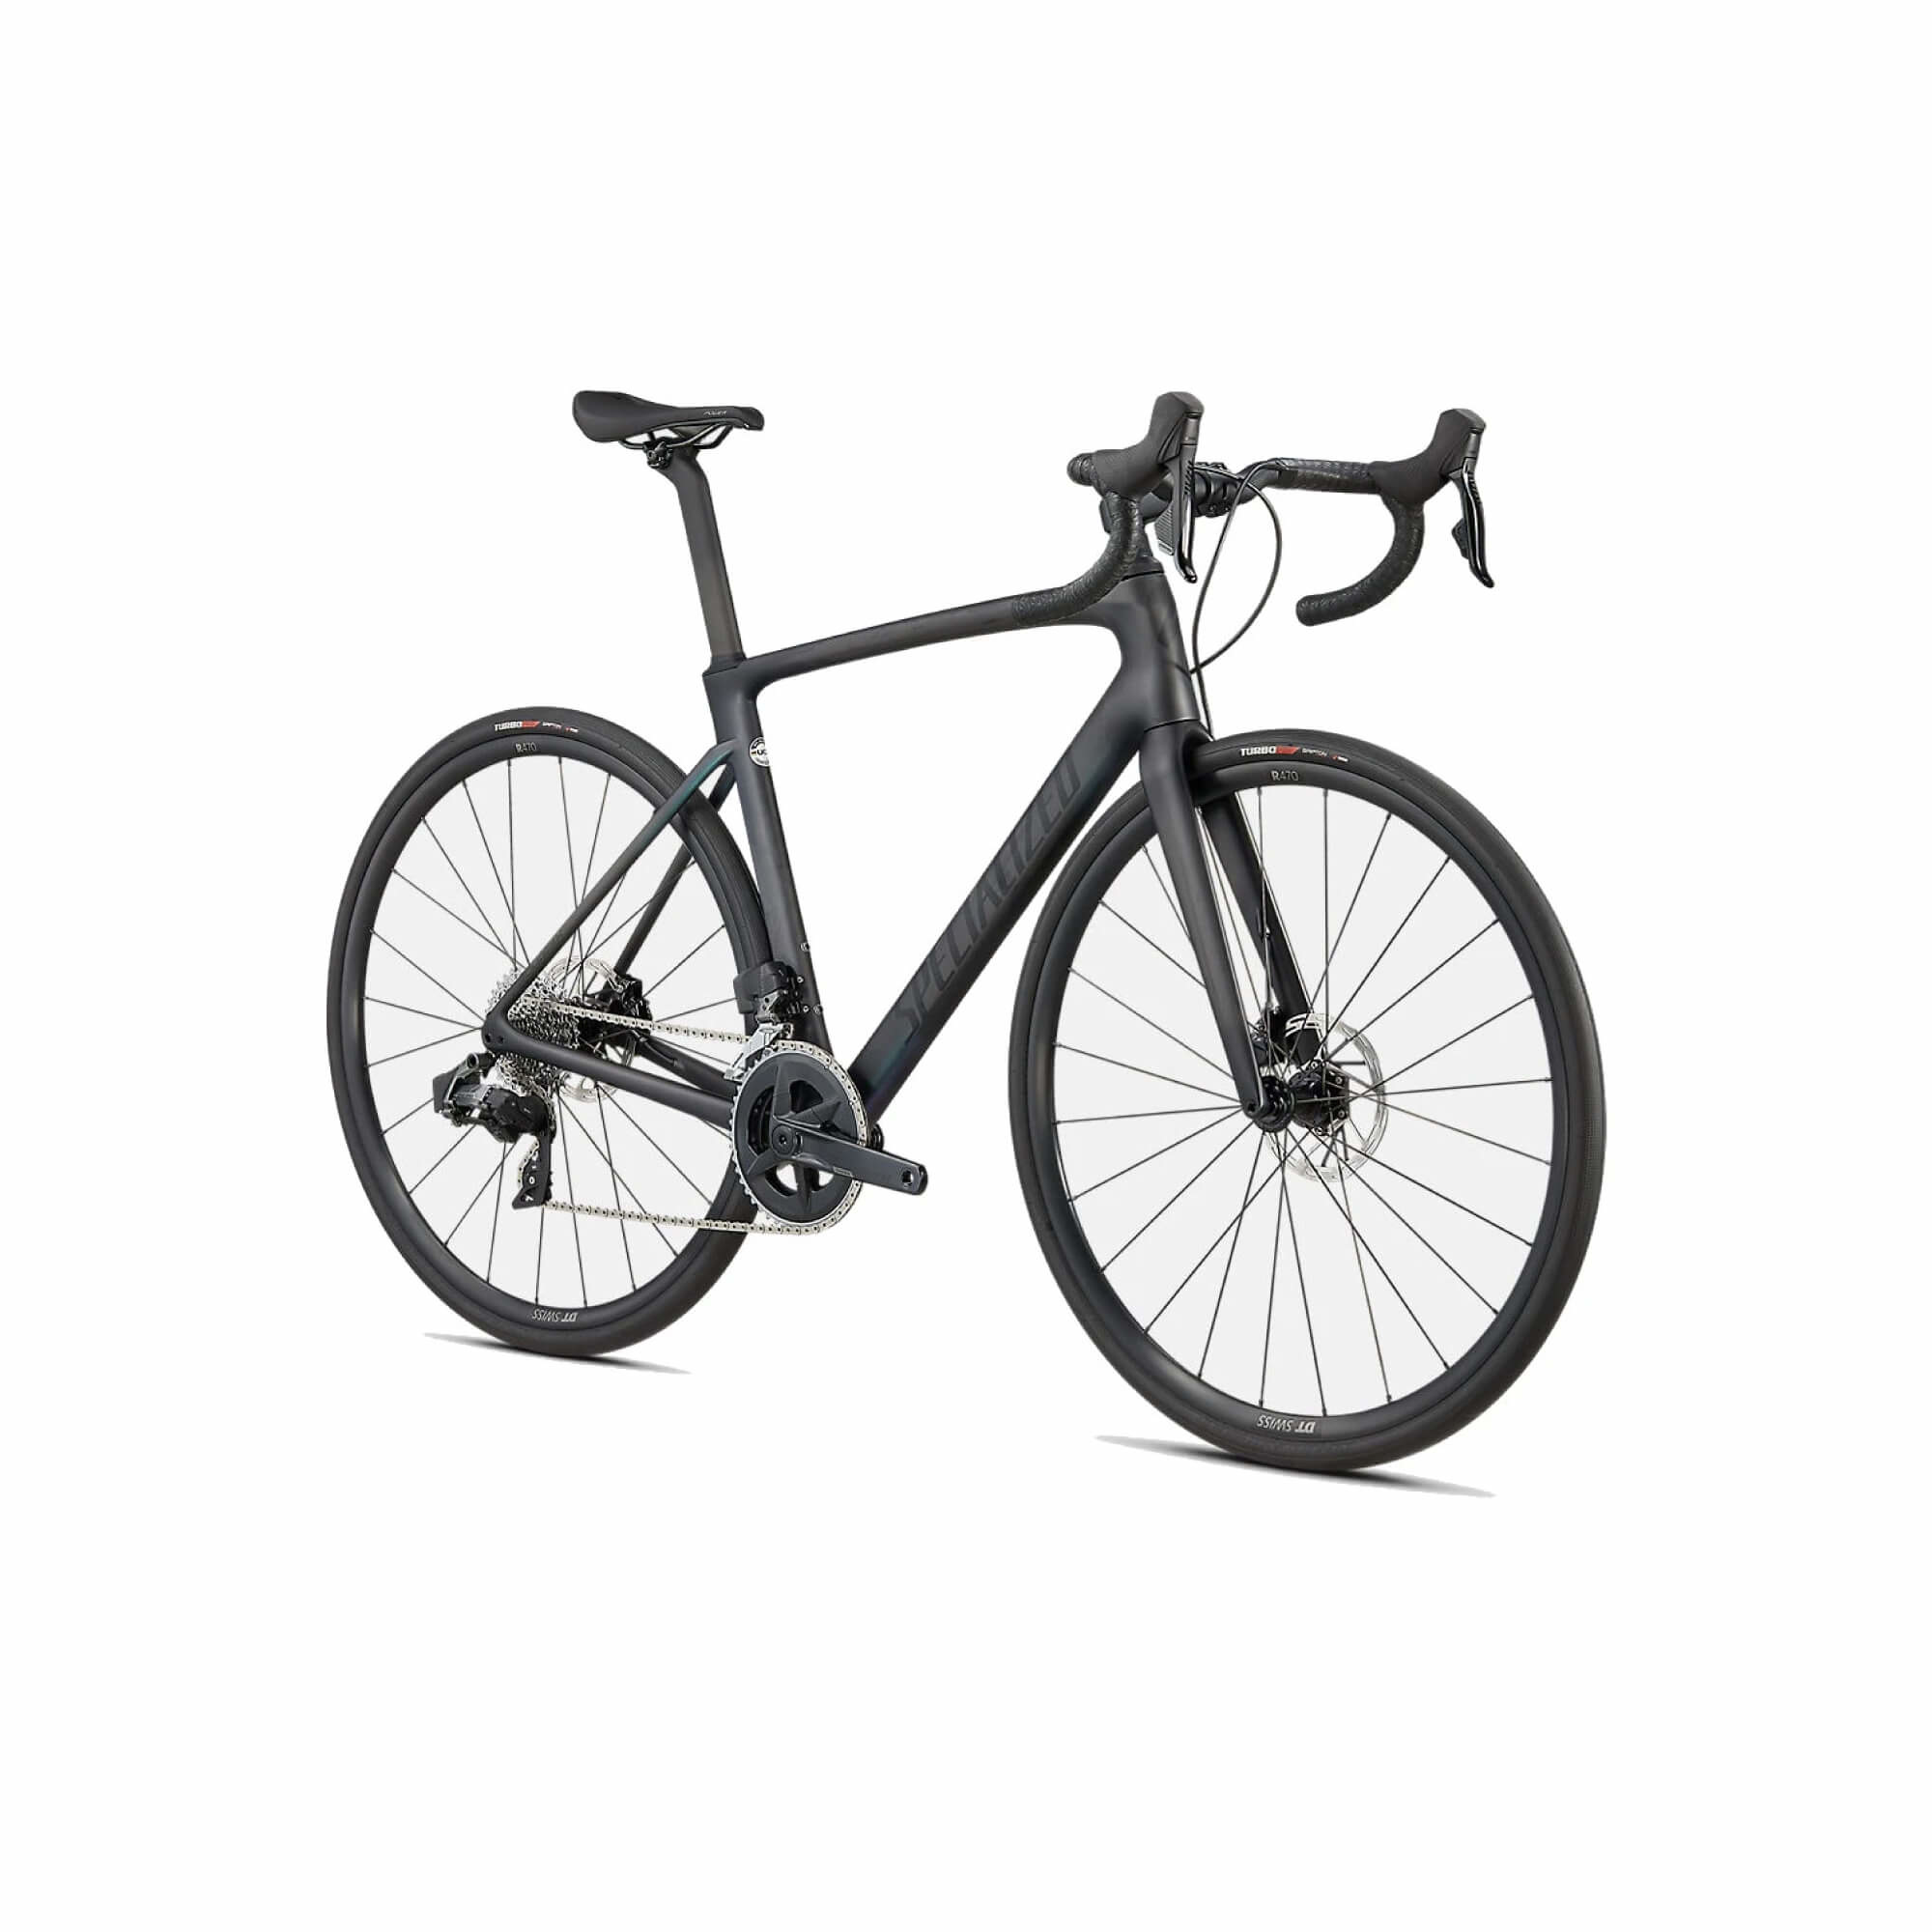 Roubaix Comp - Sram Rival Etap Axs 2022-2